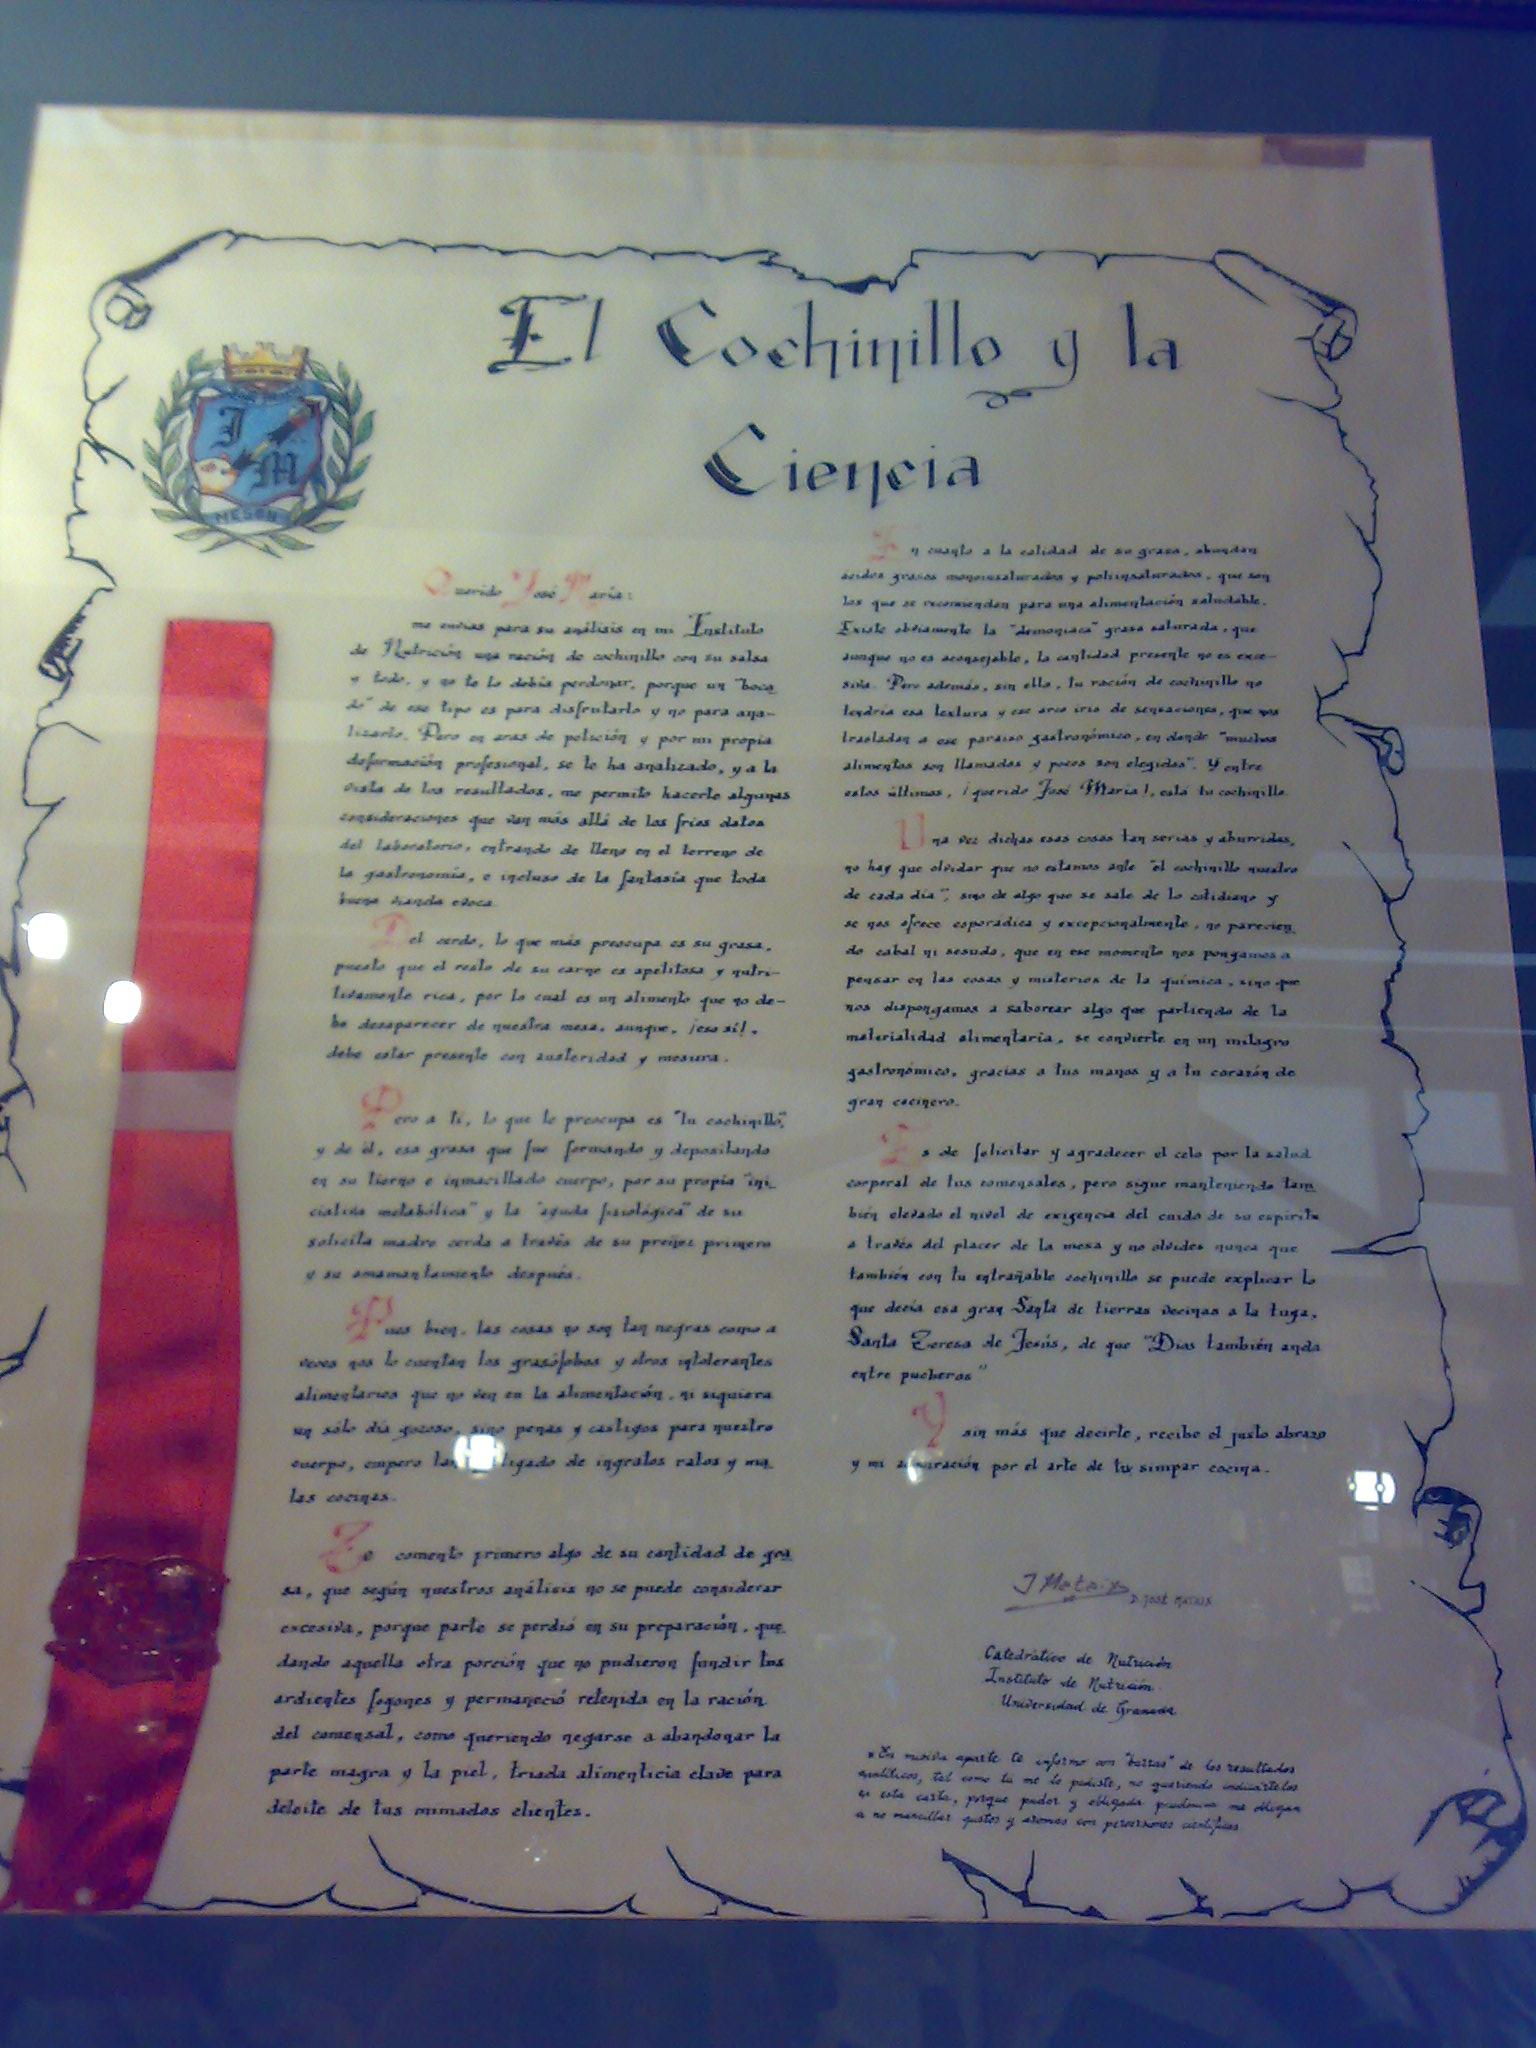 12072009781 El cochinillo y la Ciencia.